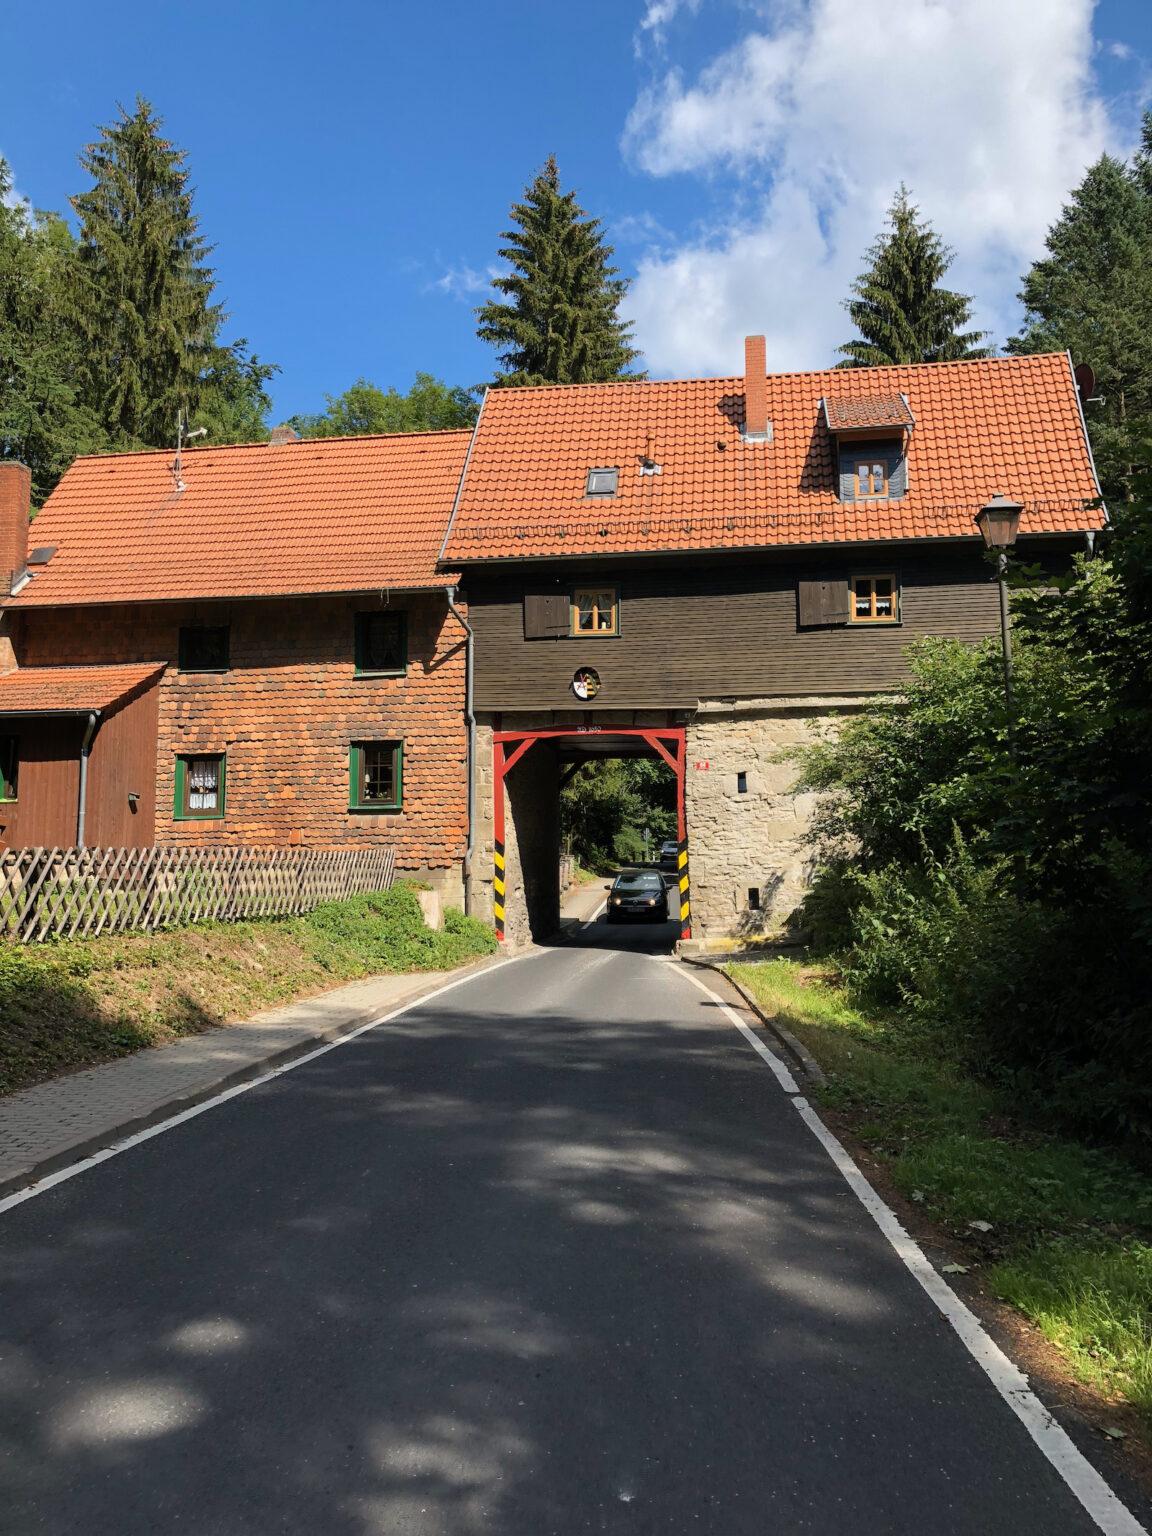 Straße führt durch Haus